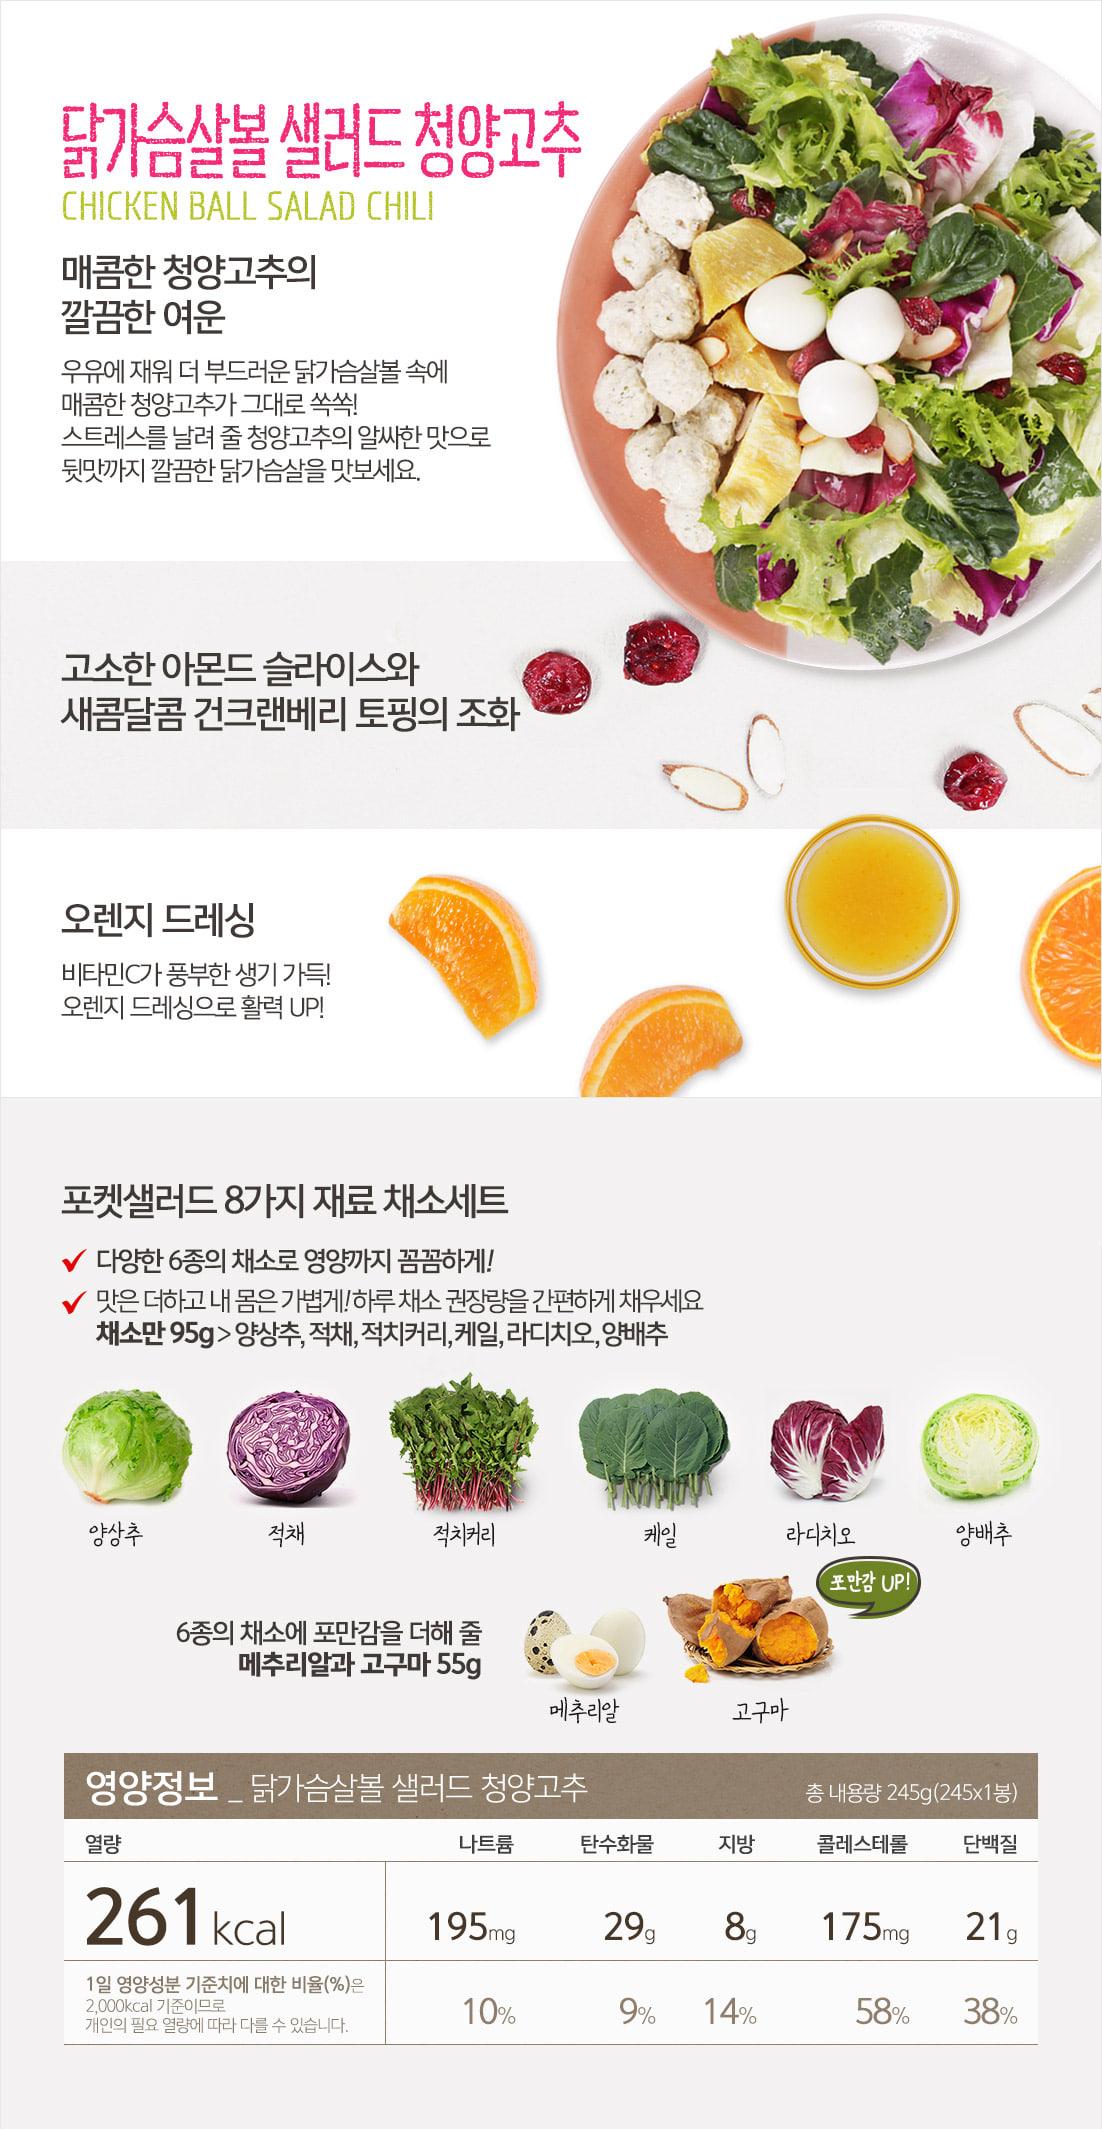 청양고추맛샐러드 상세페이지_영양정보